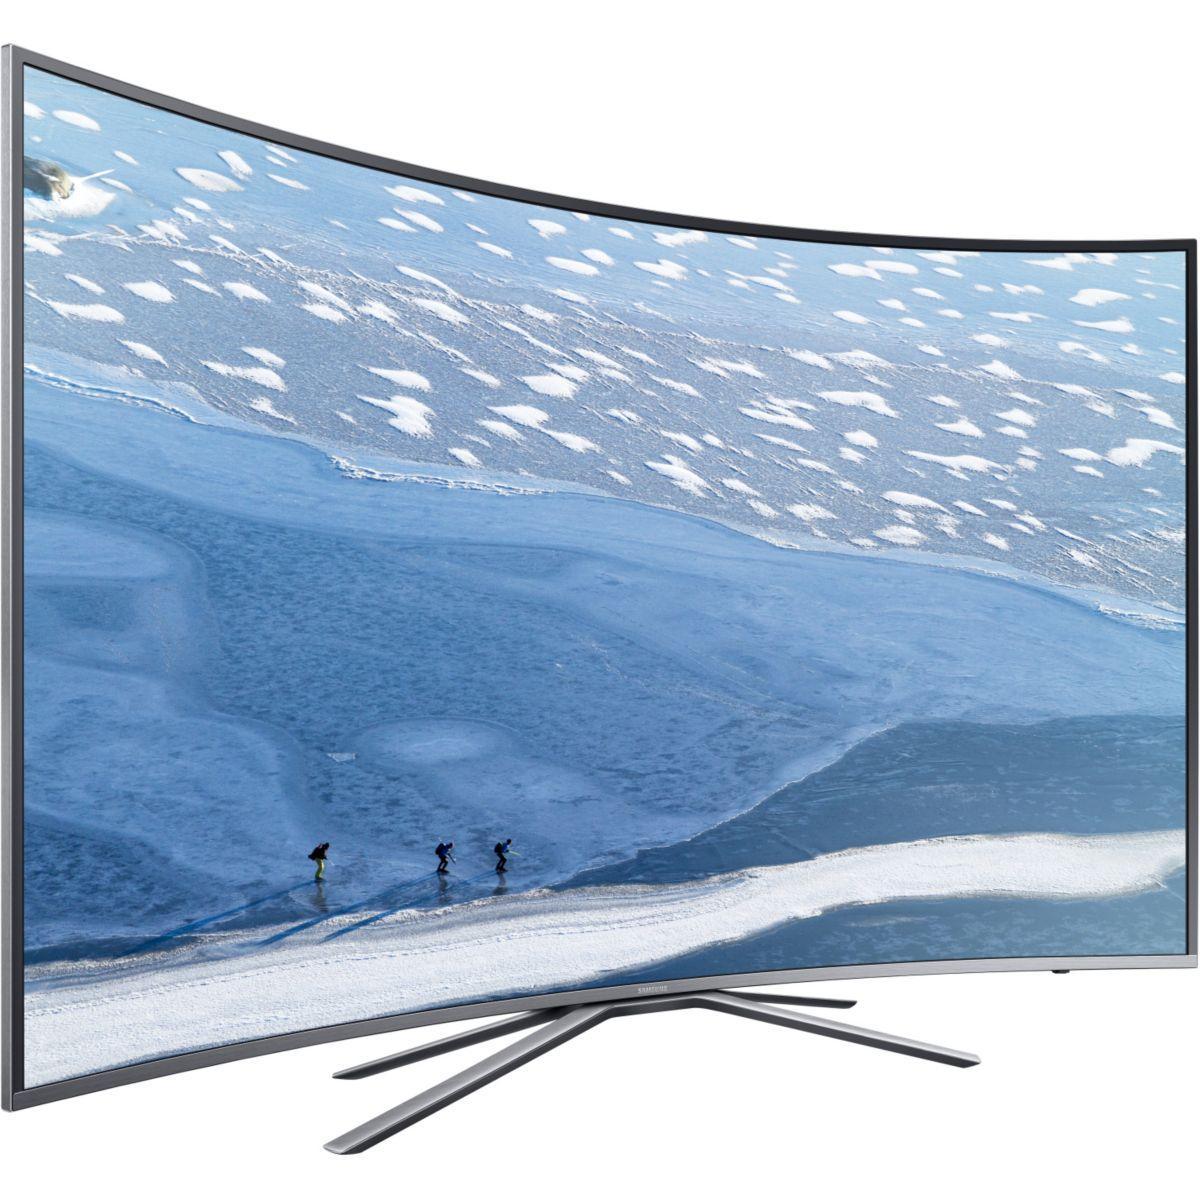 TV SAMSUNG UE55KU6500 UHD 1600 PQI SMART TV